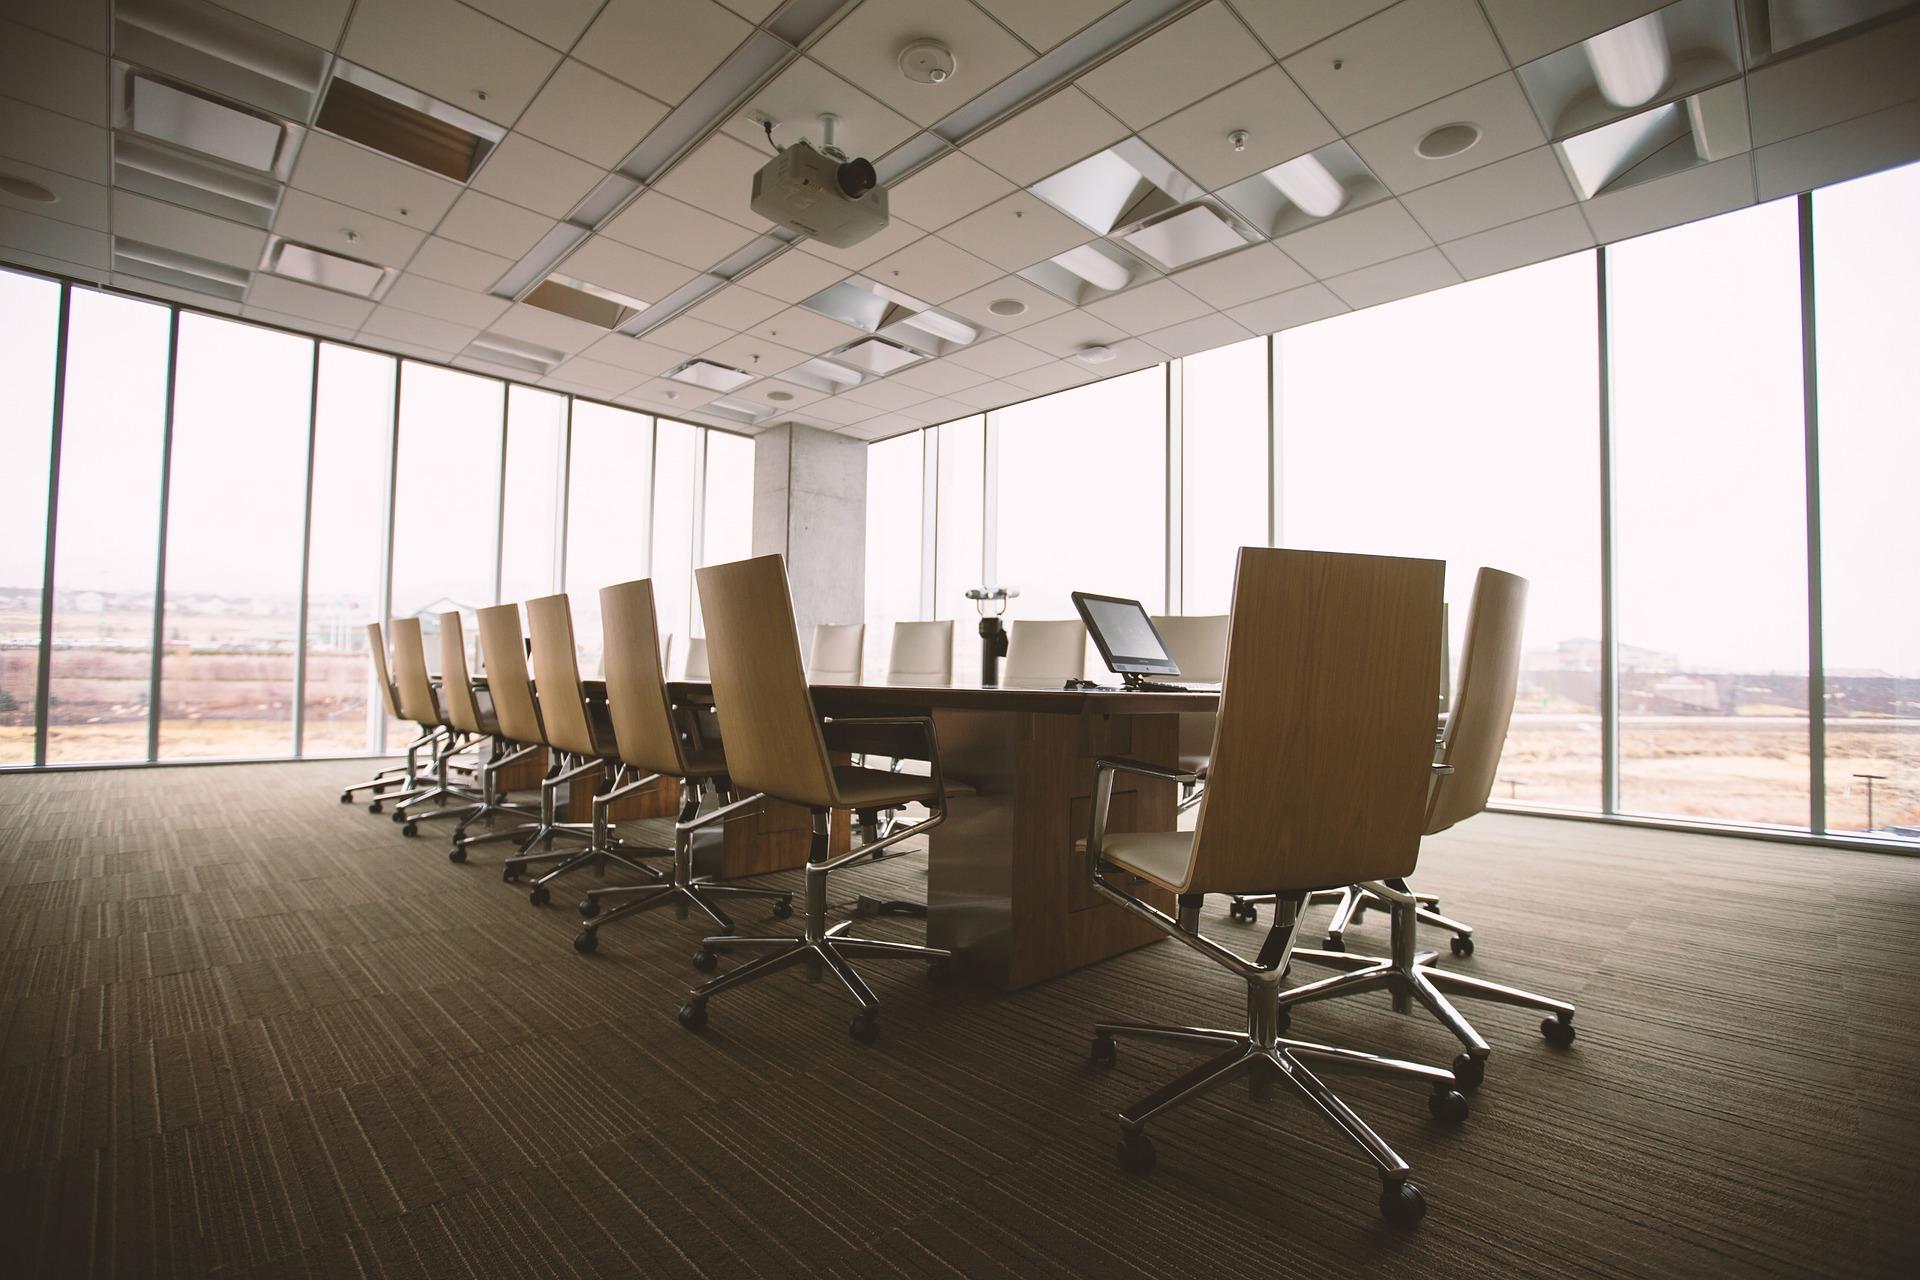 Pracowniczy Program Emerytalny jako alternatywa dla Pracowniczego Planu Kapitałowego